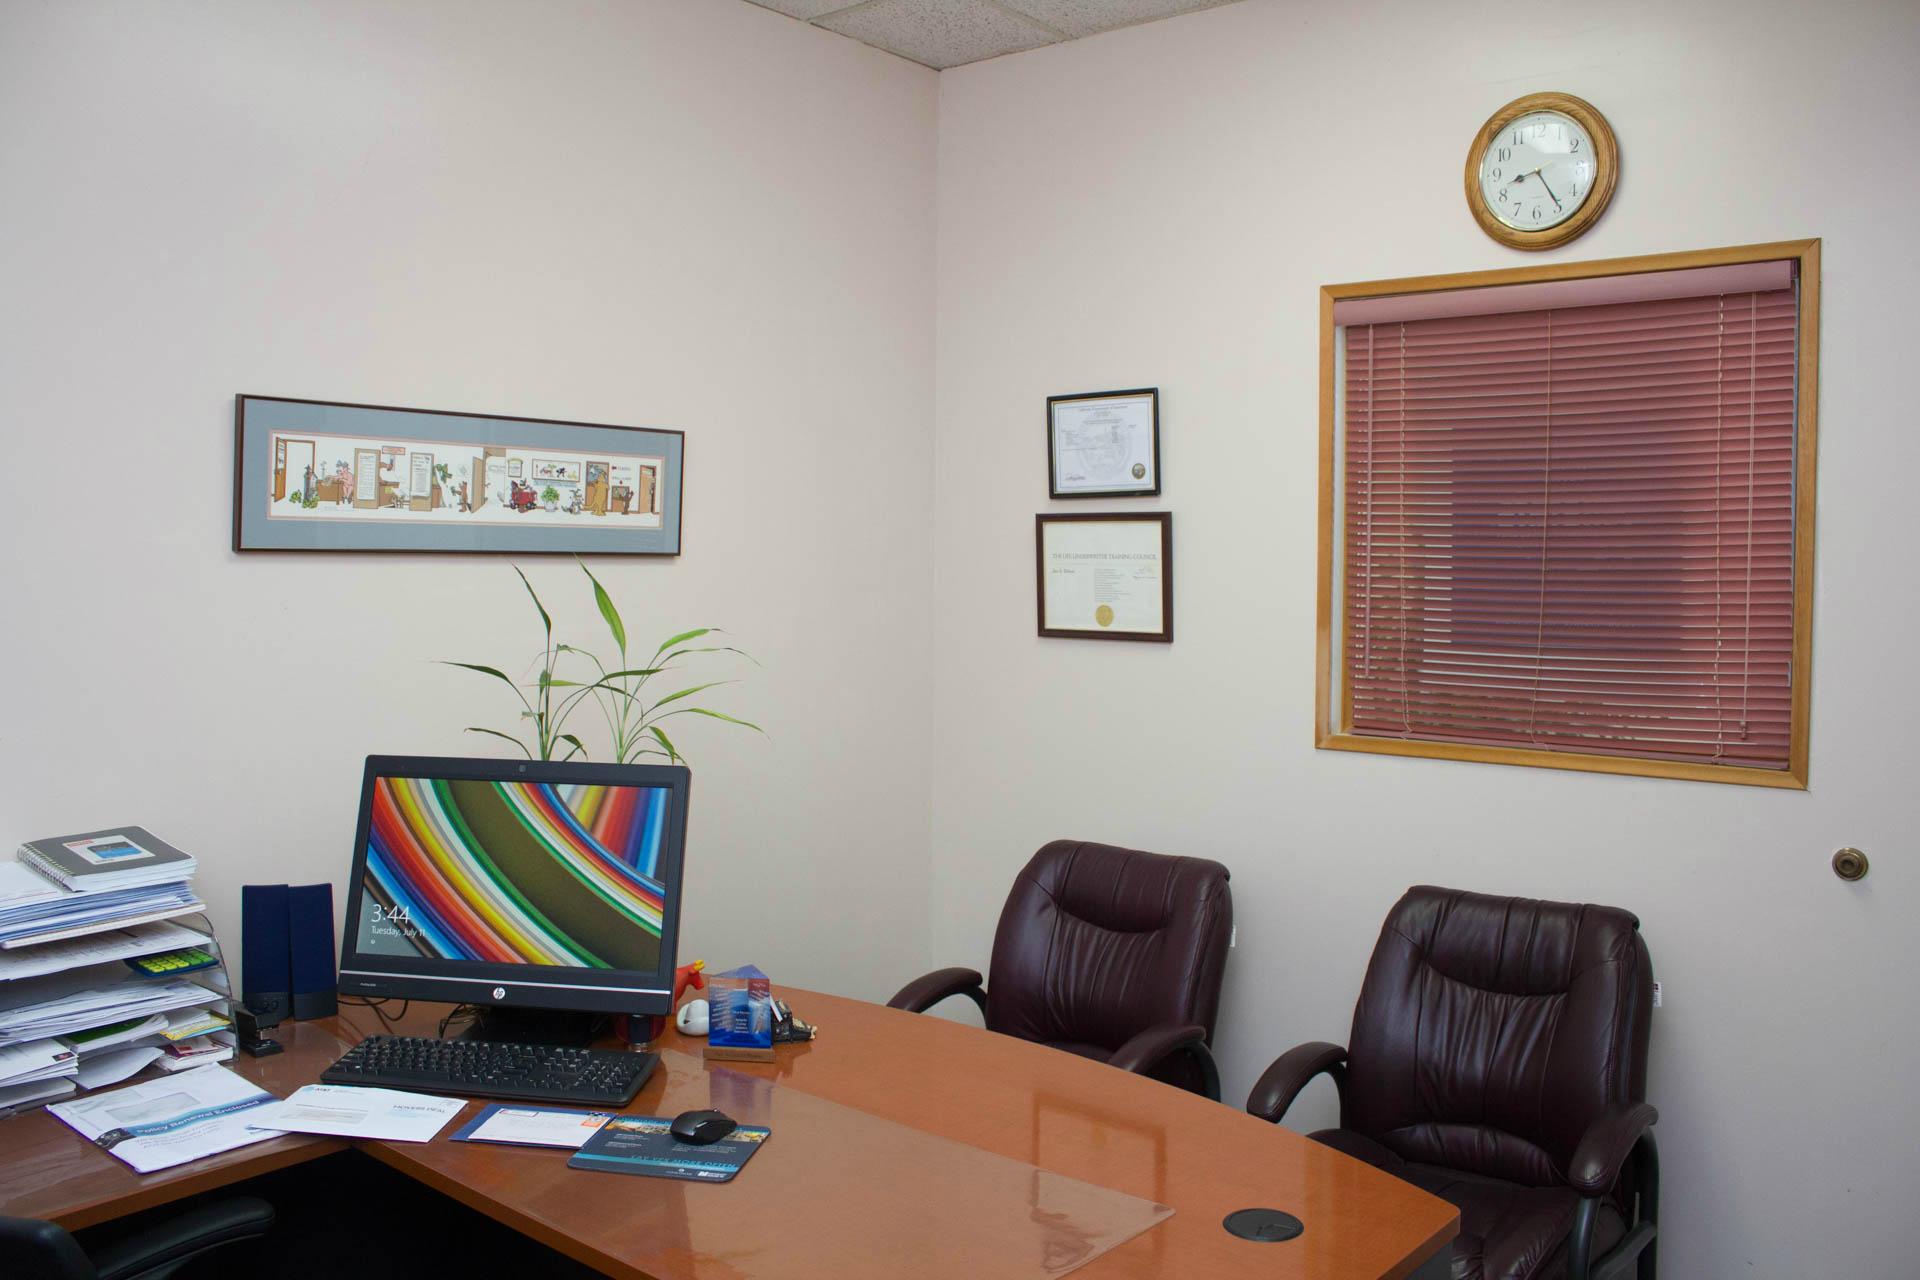 Jon De Leon: Allstate Insurance image 5